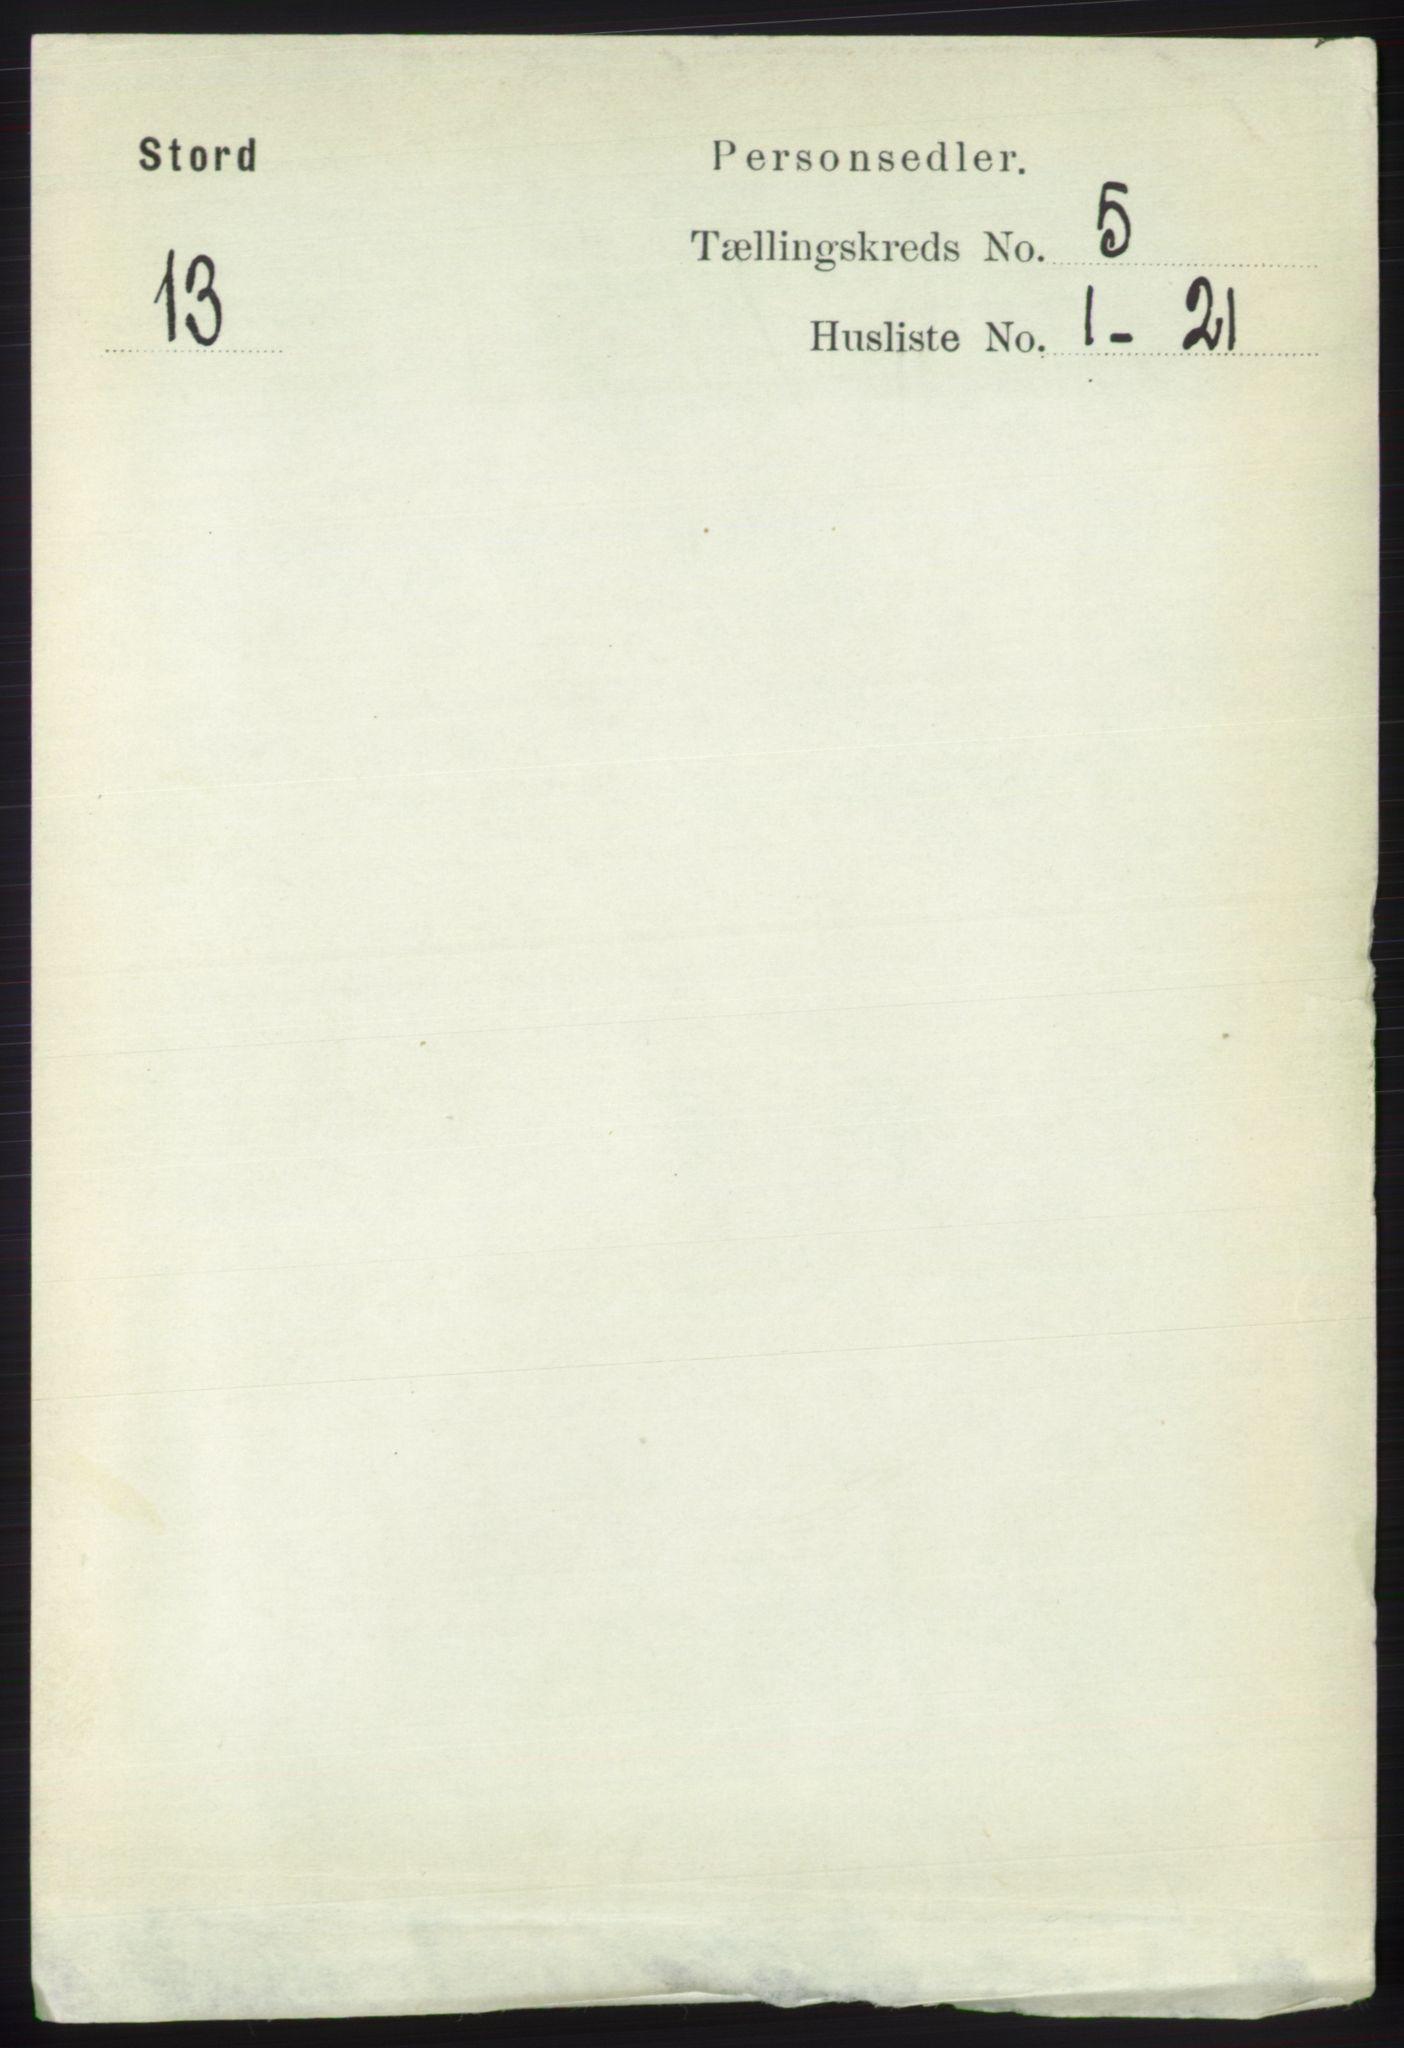 RA, Folketelling 1891 for 1221 Stord herred, 1891, s. 1655